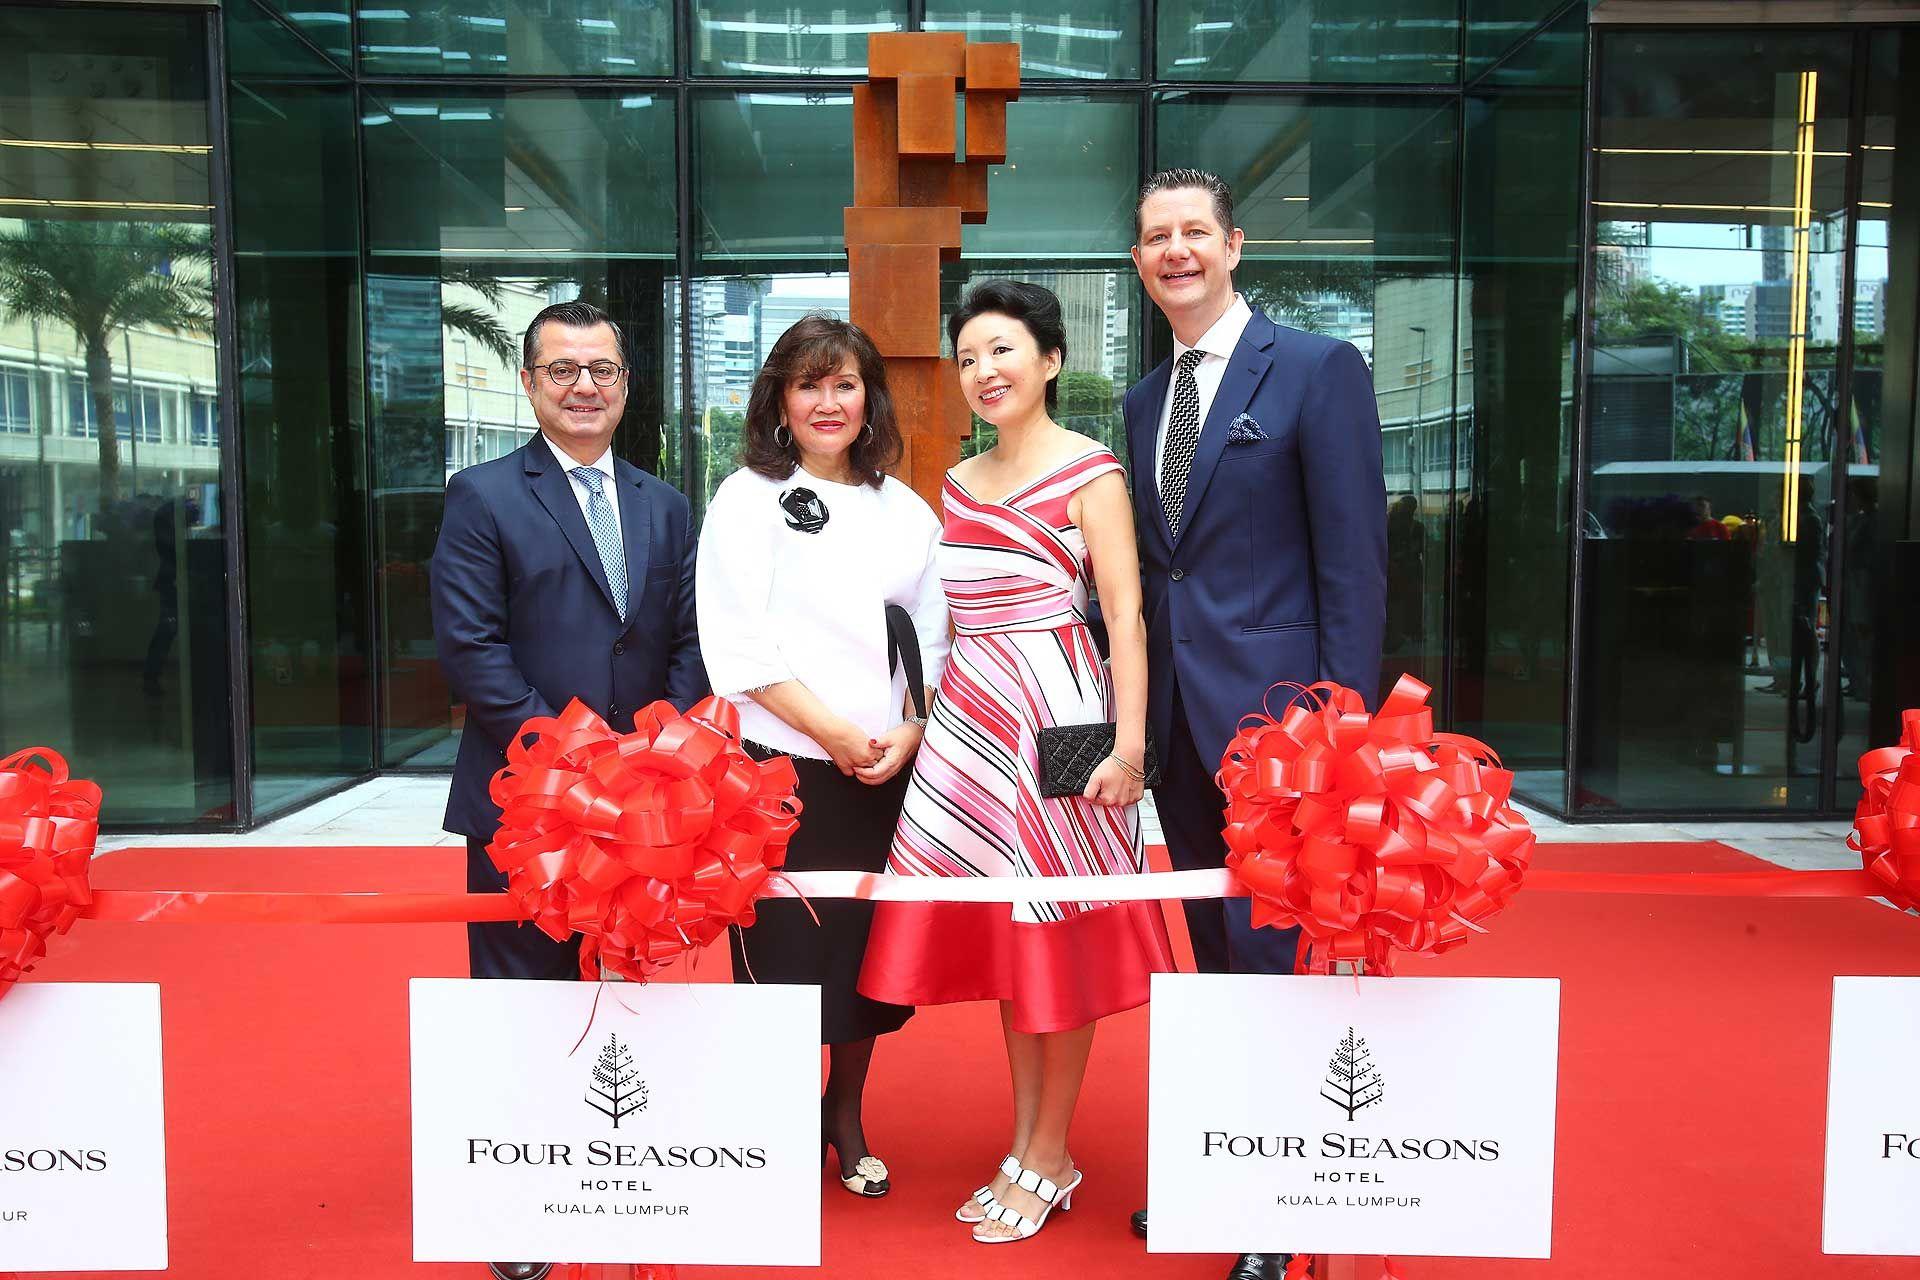 Antoine Chahwan, Dato' Rosemarie Wee, Sara Roelens and Tom Roelens